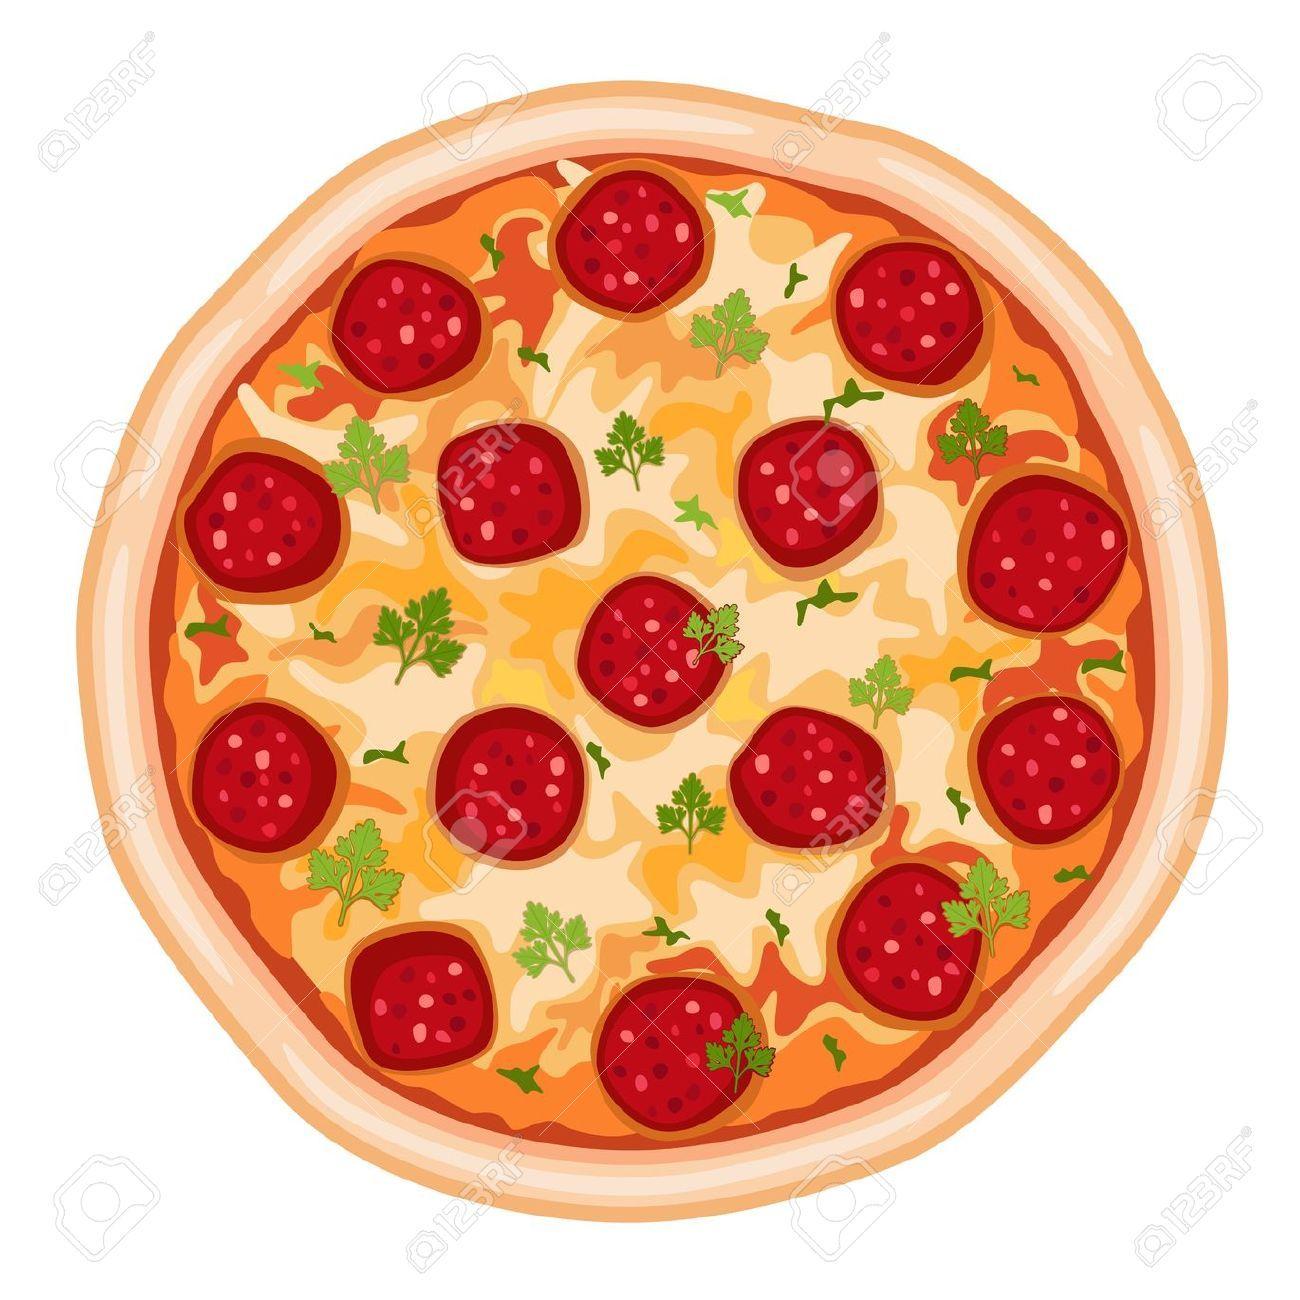 Df85742ec5b665f5a66c5ca637bcec6a Jpg 1300 1300 Alimentos Dibujos Pizza De Peperoni Fondo De Pizza